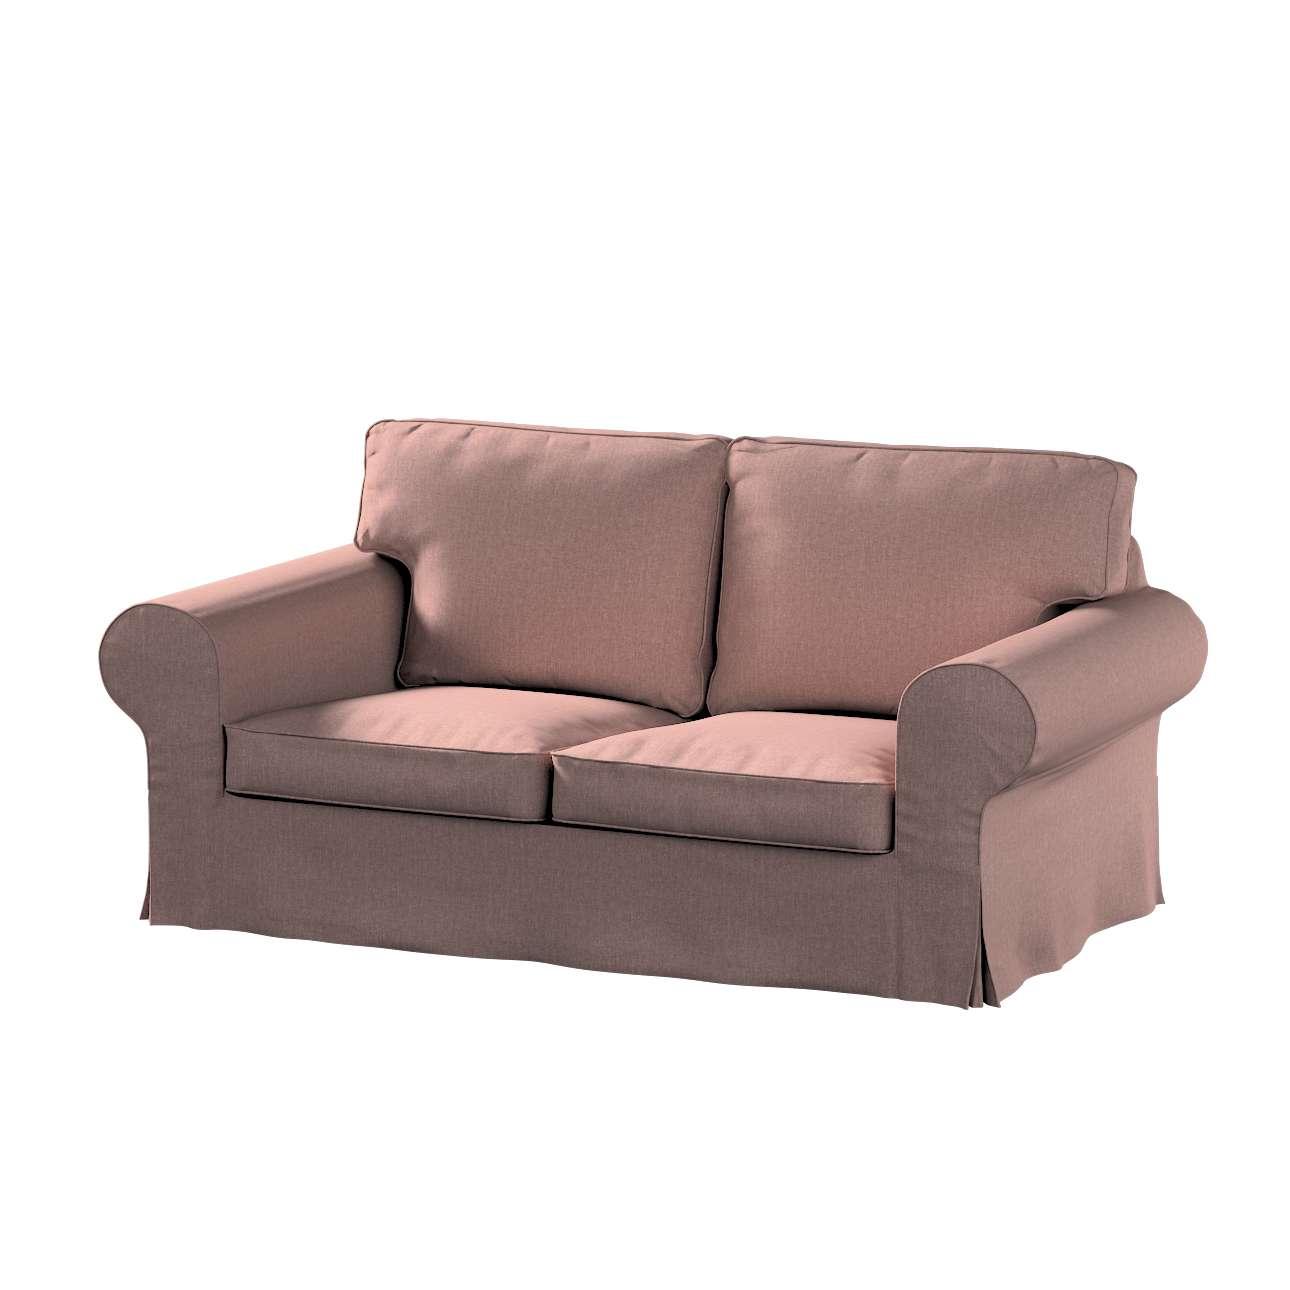 Poťah na sedačku Ektorp (rozkladacia, pre 2 osoby) STARÝ MODEL V kolekcii City, tkanina: 704-83